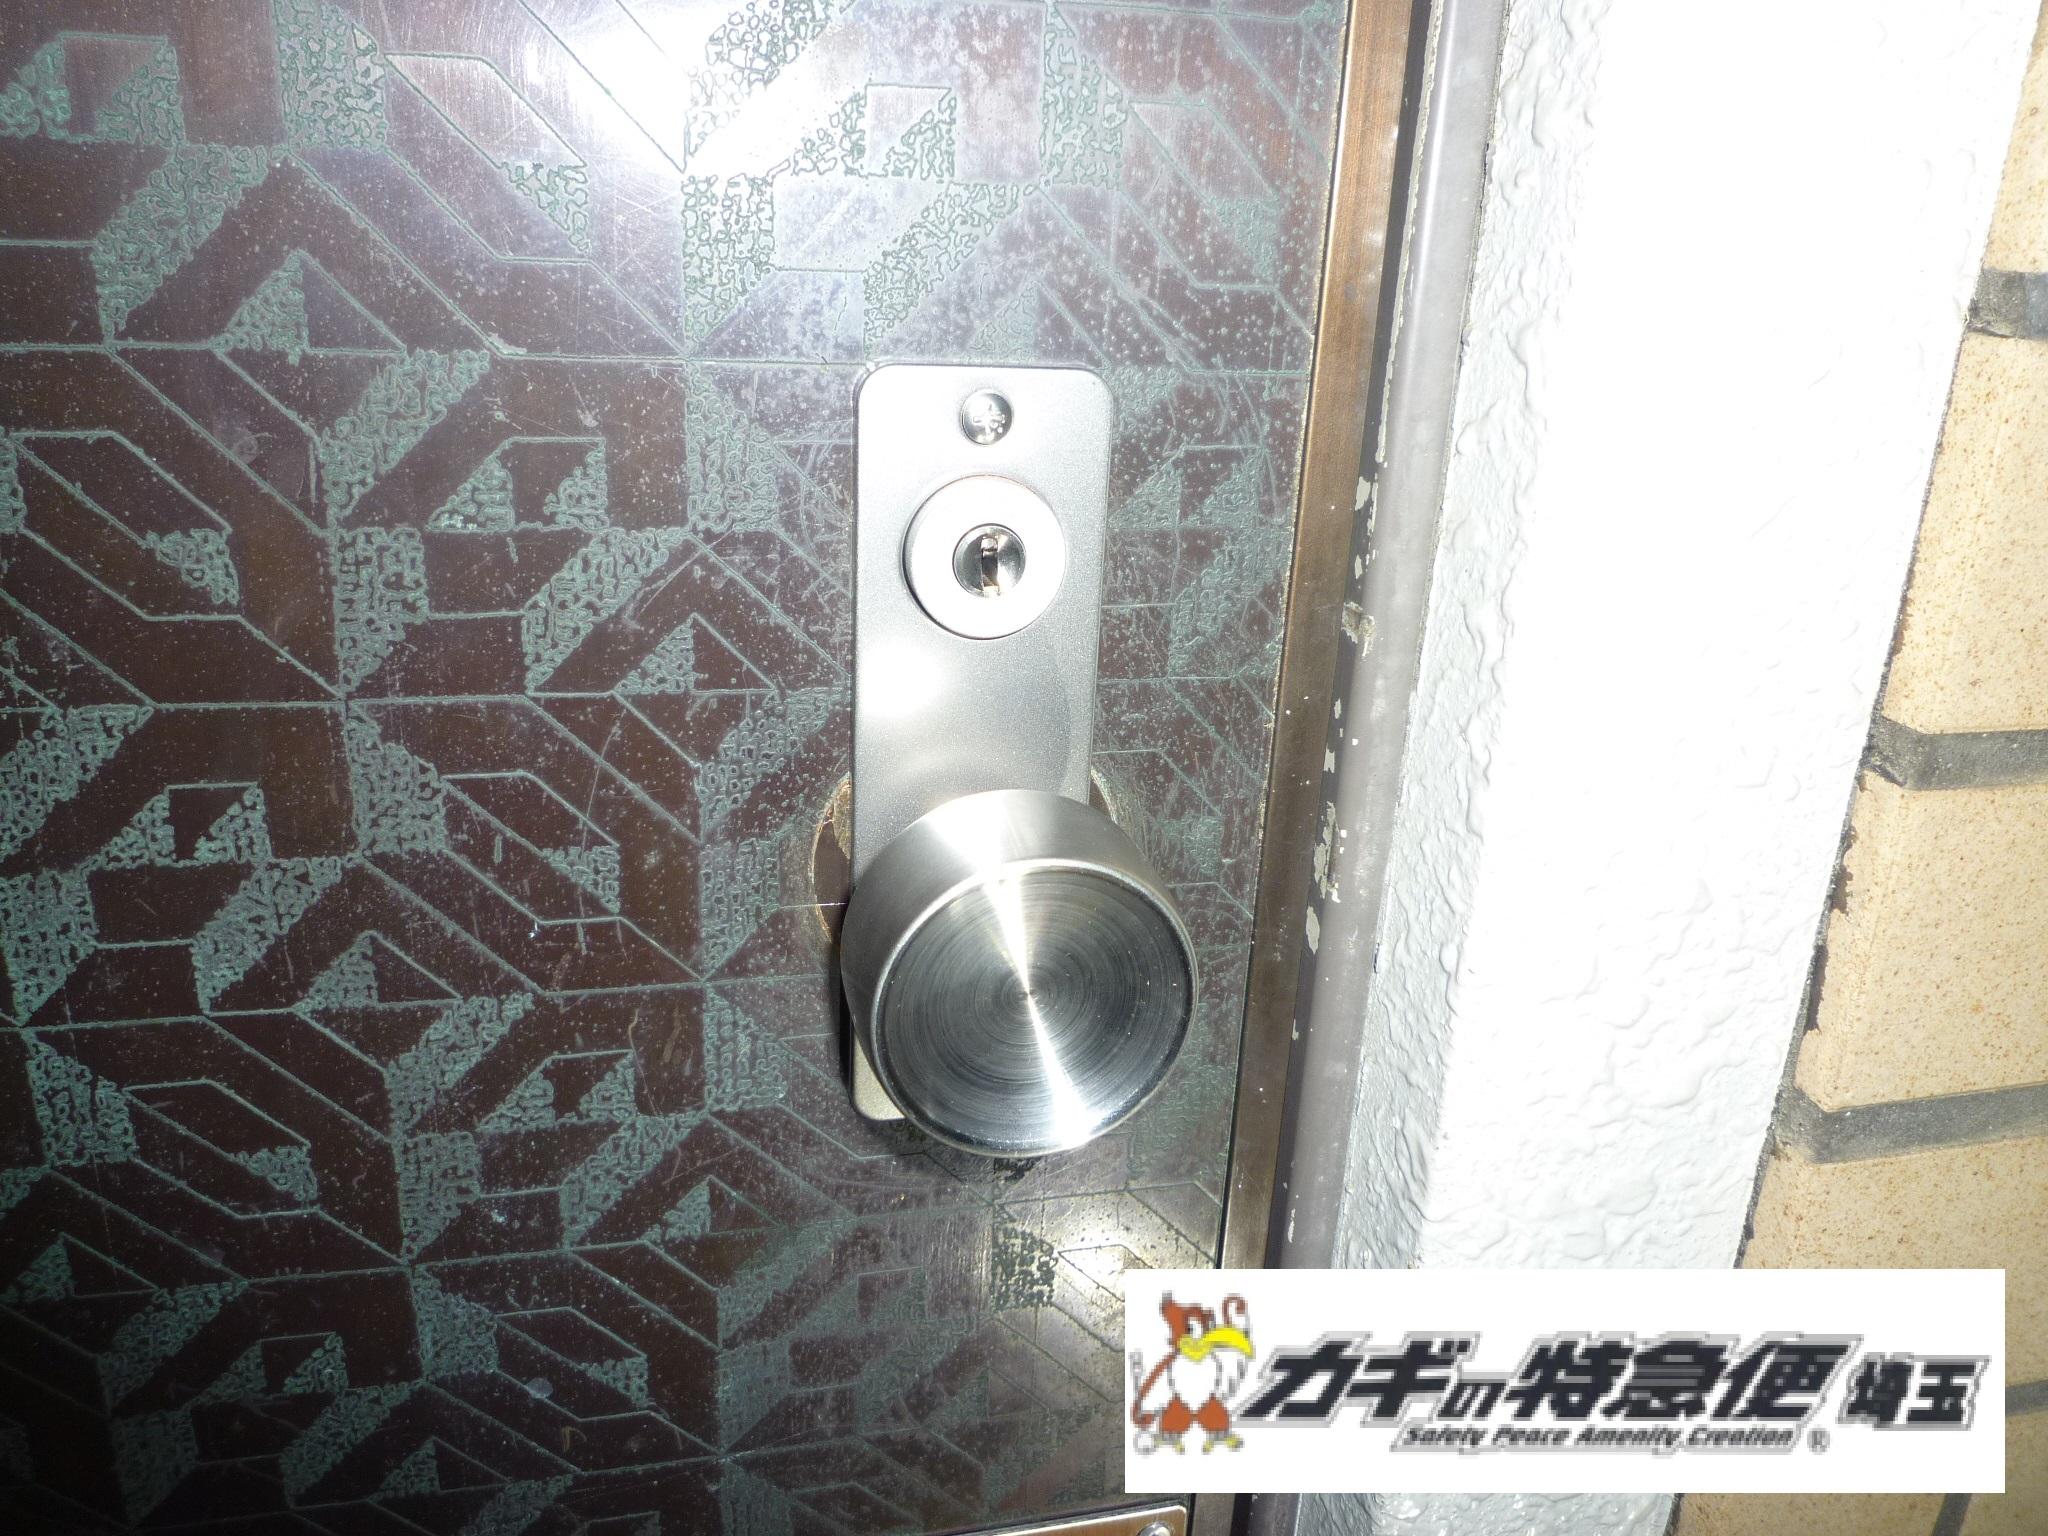 鍵交換(ショーワの鍵を美和ロックの鍵に交換 埼玉県越谷市 SHOWA・MIWA・KABA)